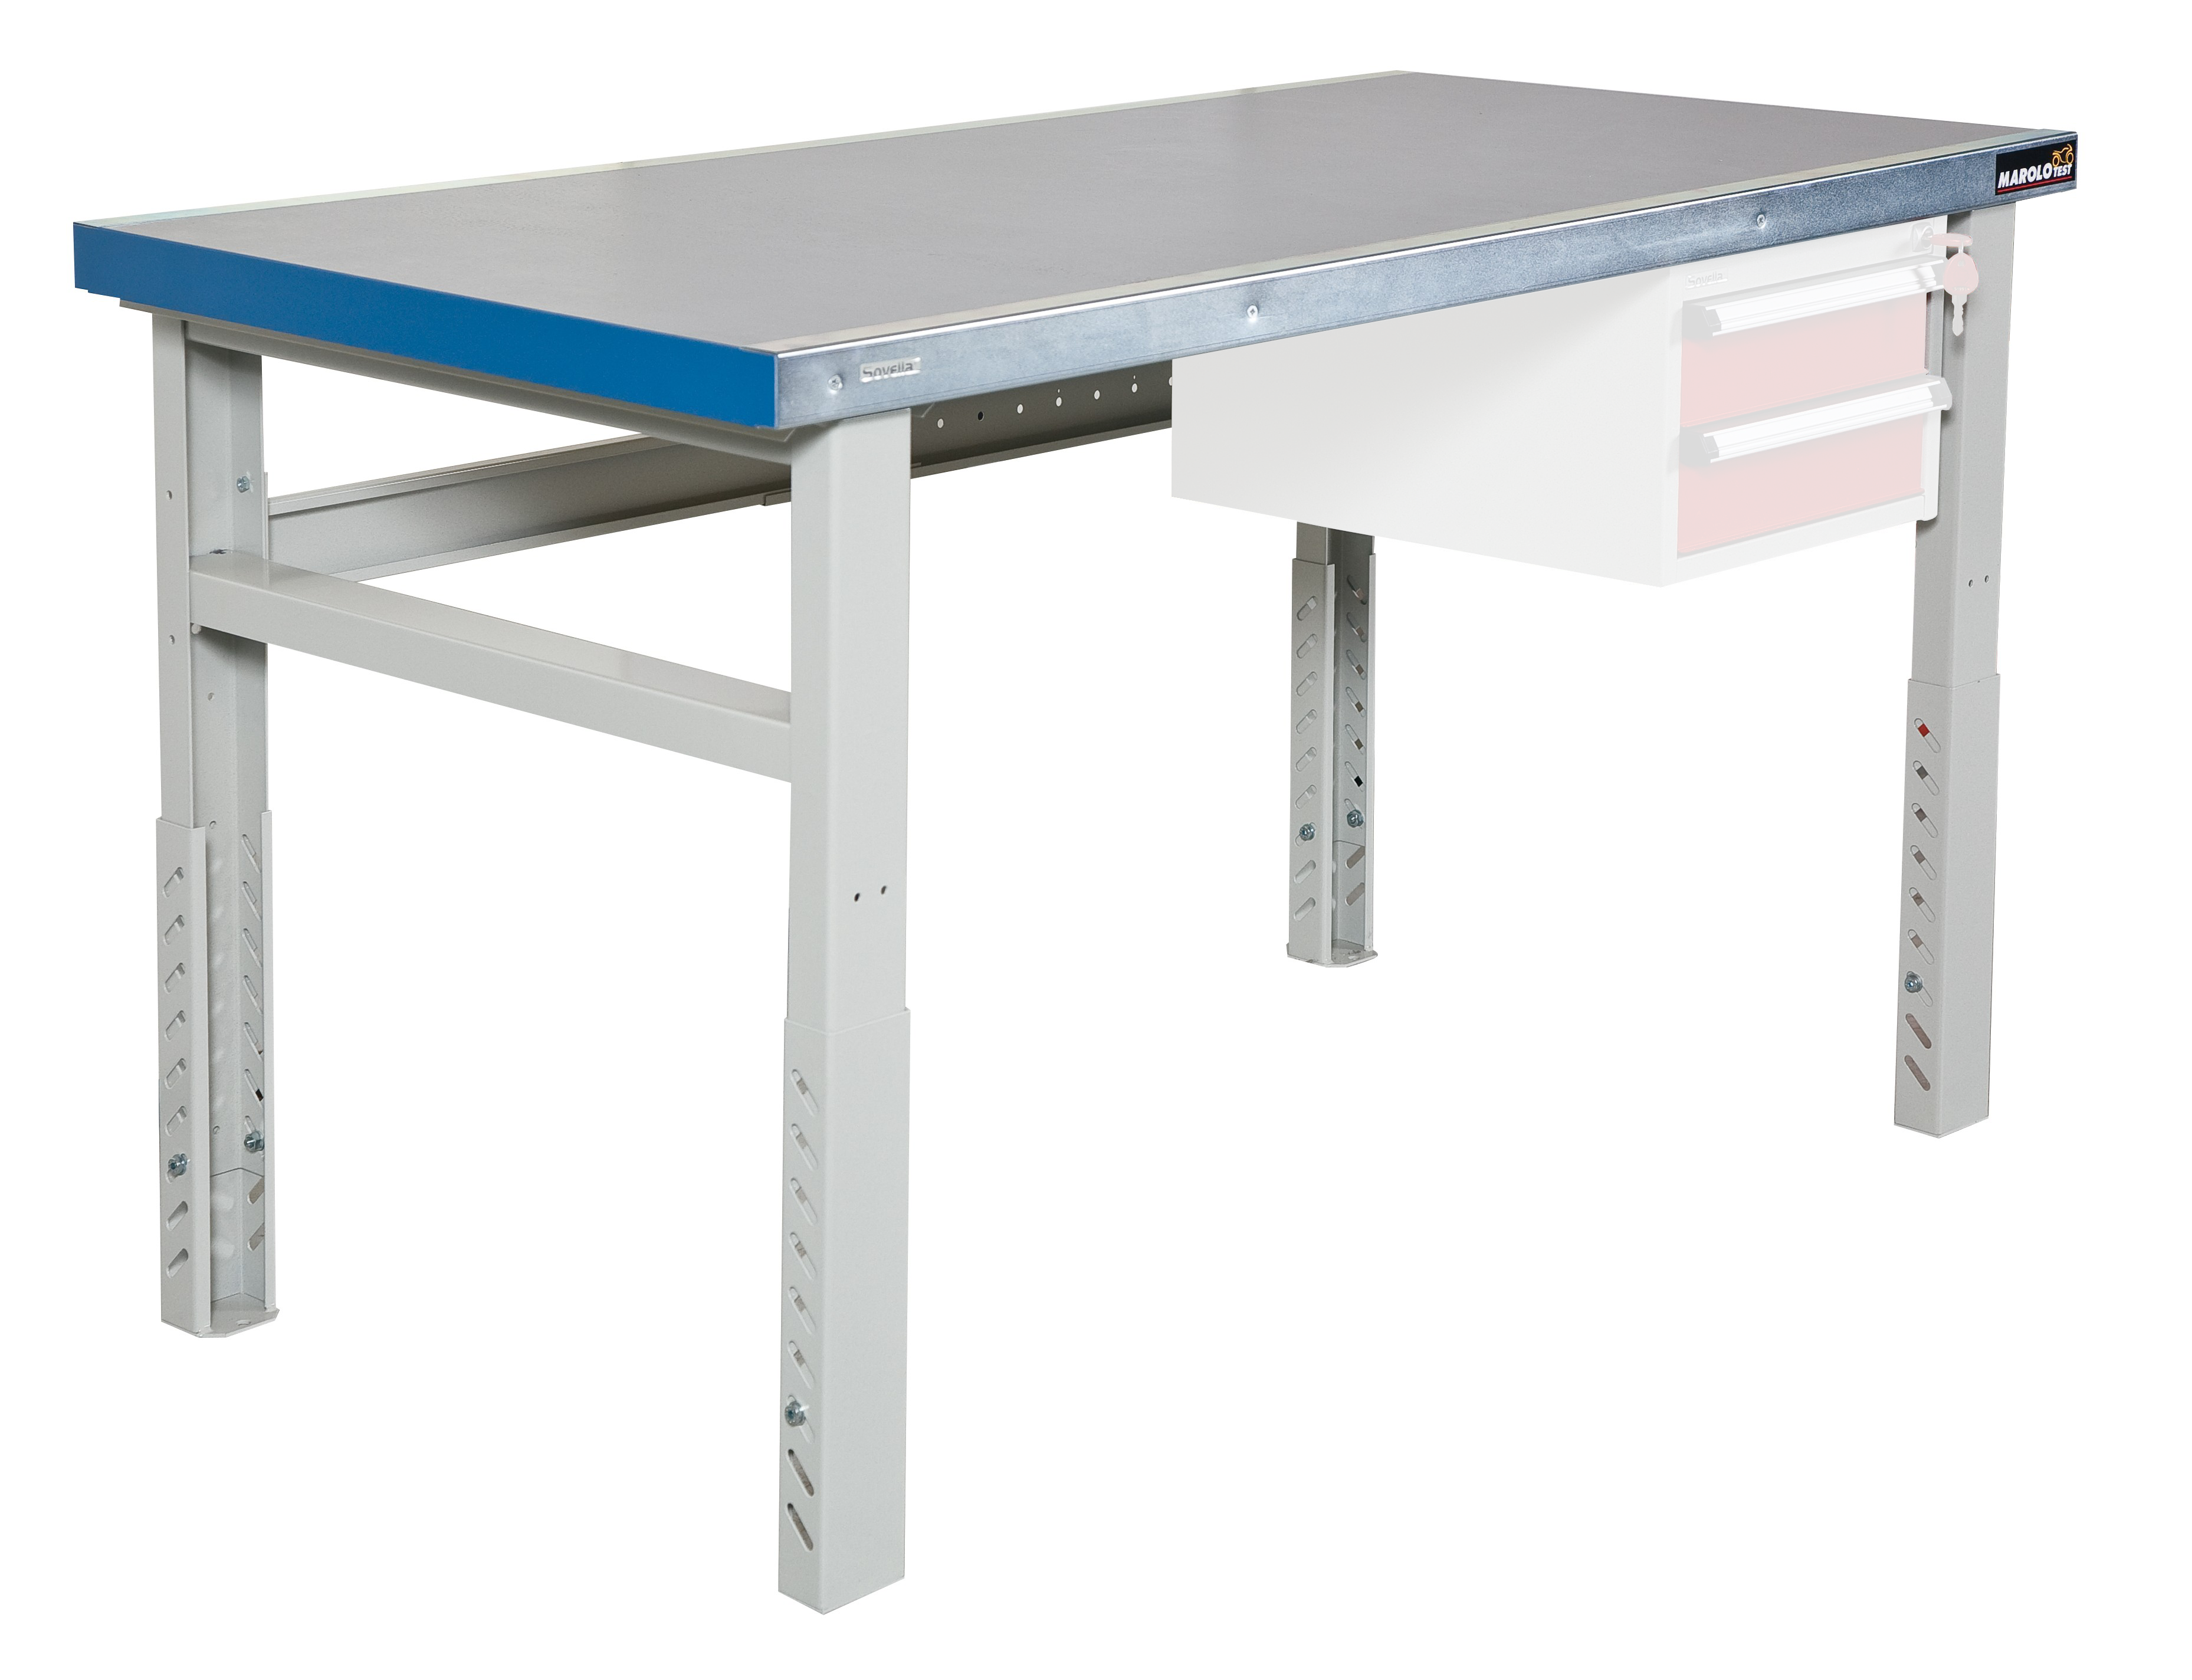 Marolotest etabli bois m seul r glable en hauteur - Fabriquer une table haute de cuisine ...